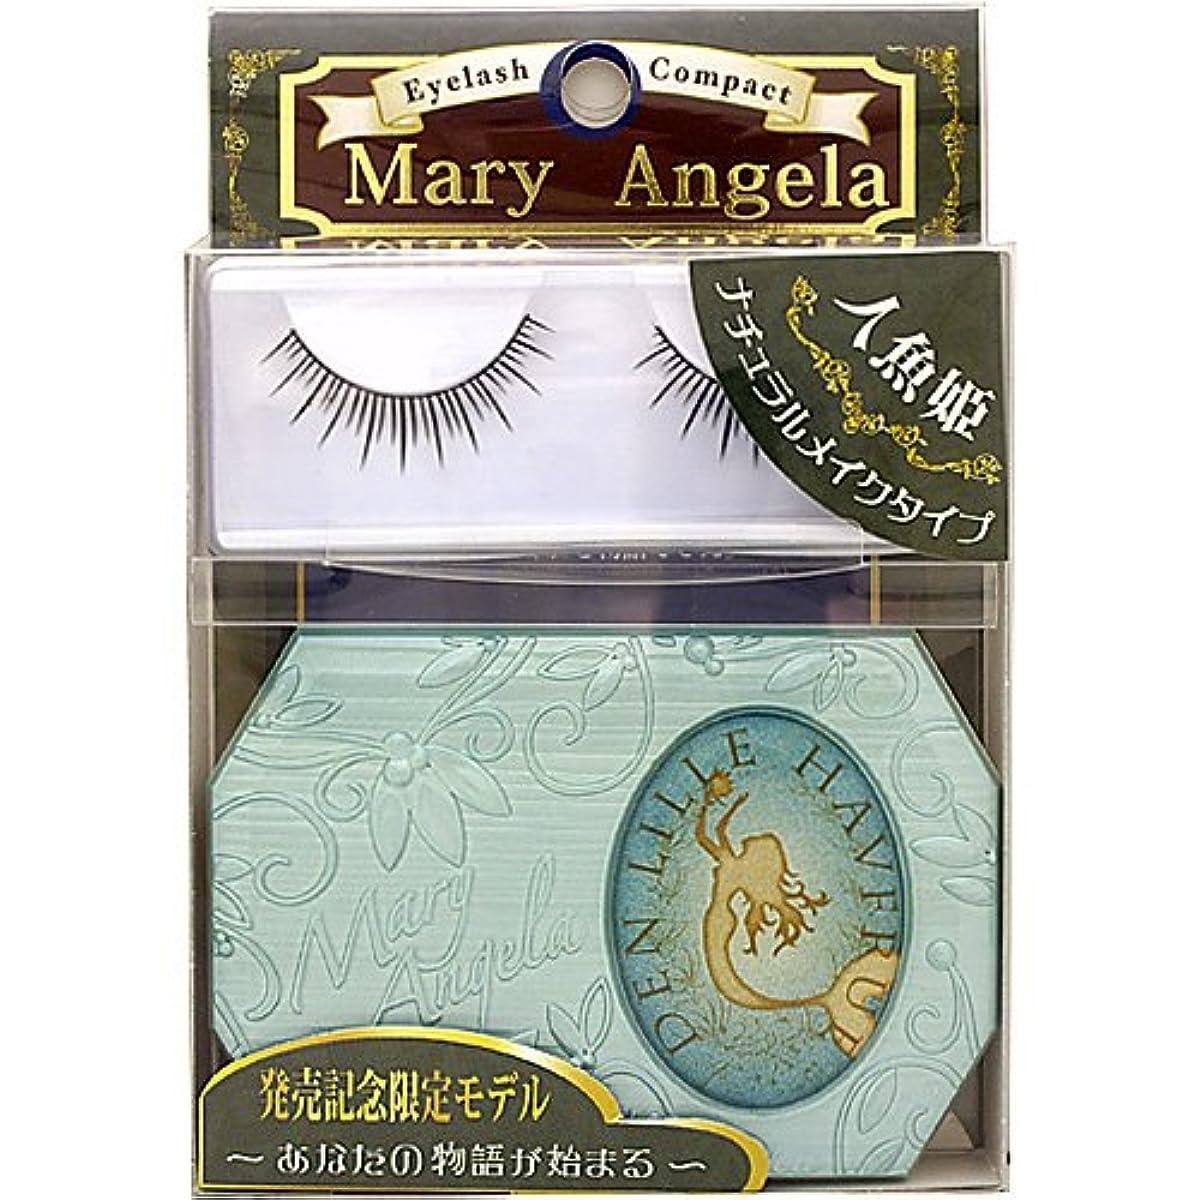 魔女正義校長MILCA ミルカ MaryAngela マリーアンジェラ つけまつげ&つけまつげケース 人魚姫